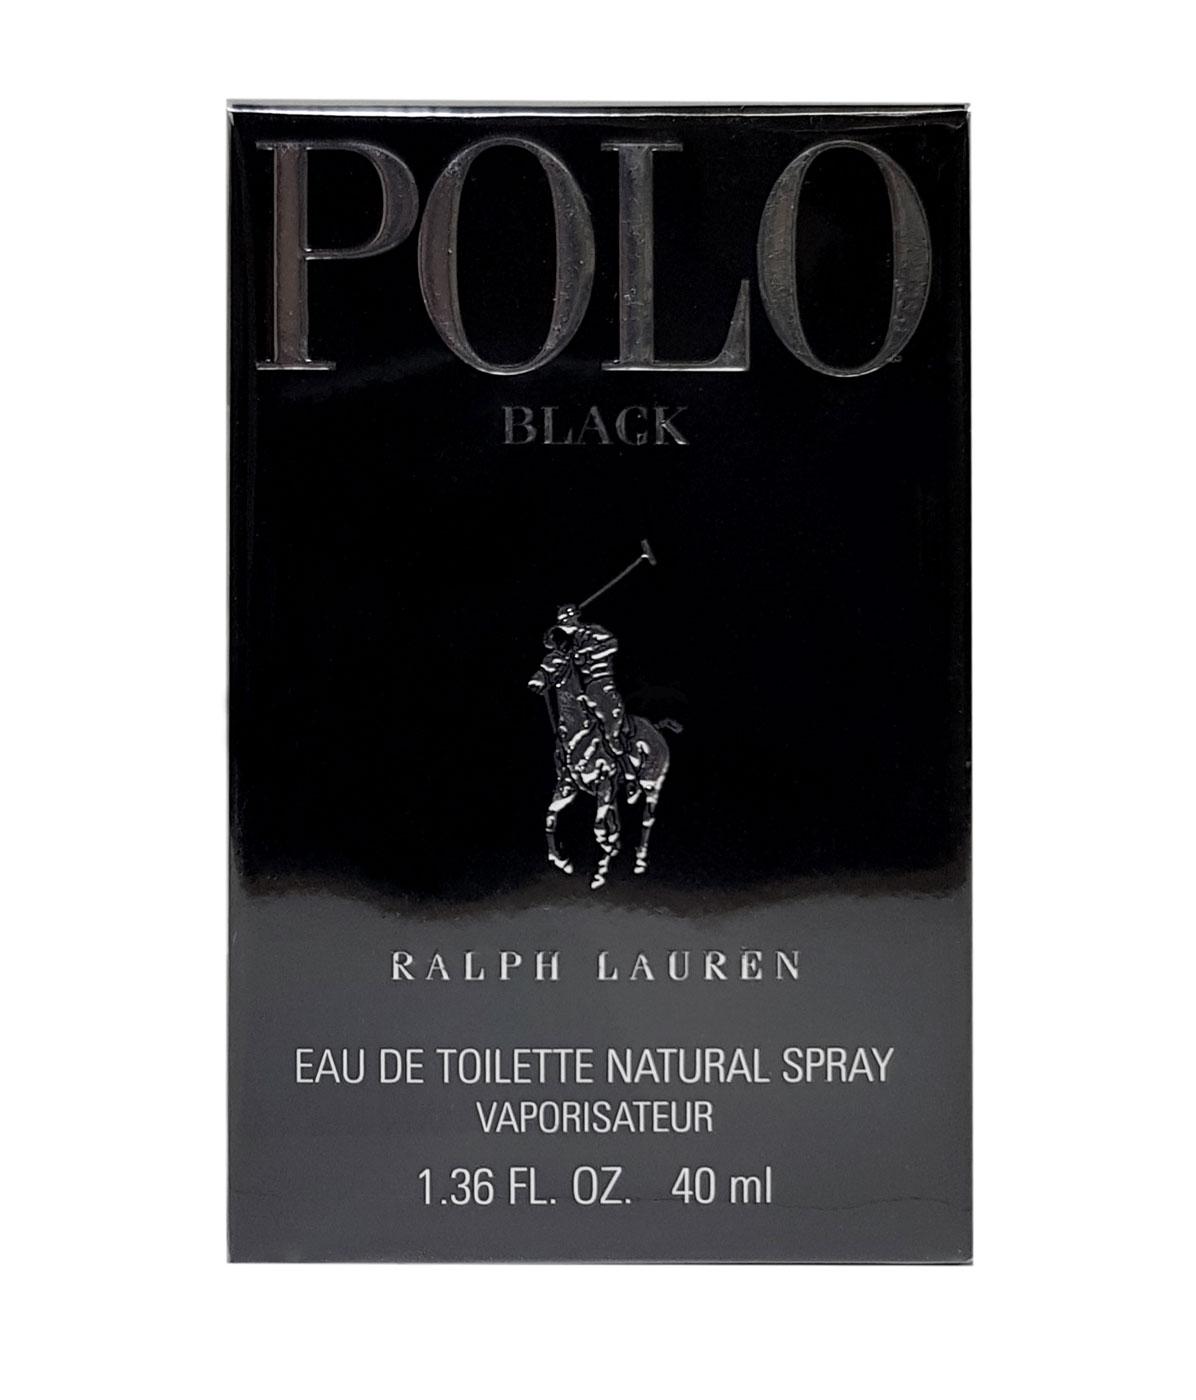 Ralph Lauren Polo Black Eau de Toilette Natural Spray 40ml